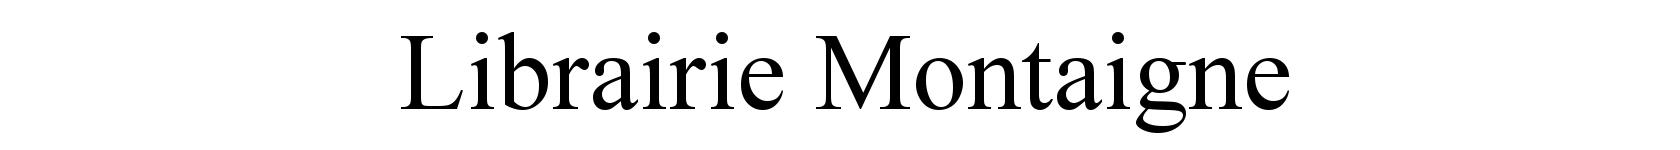 Librairie Montaigne